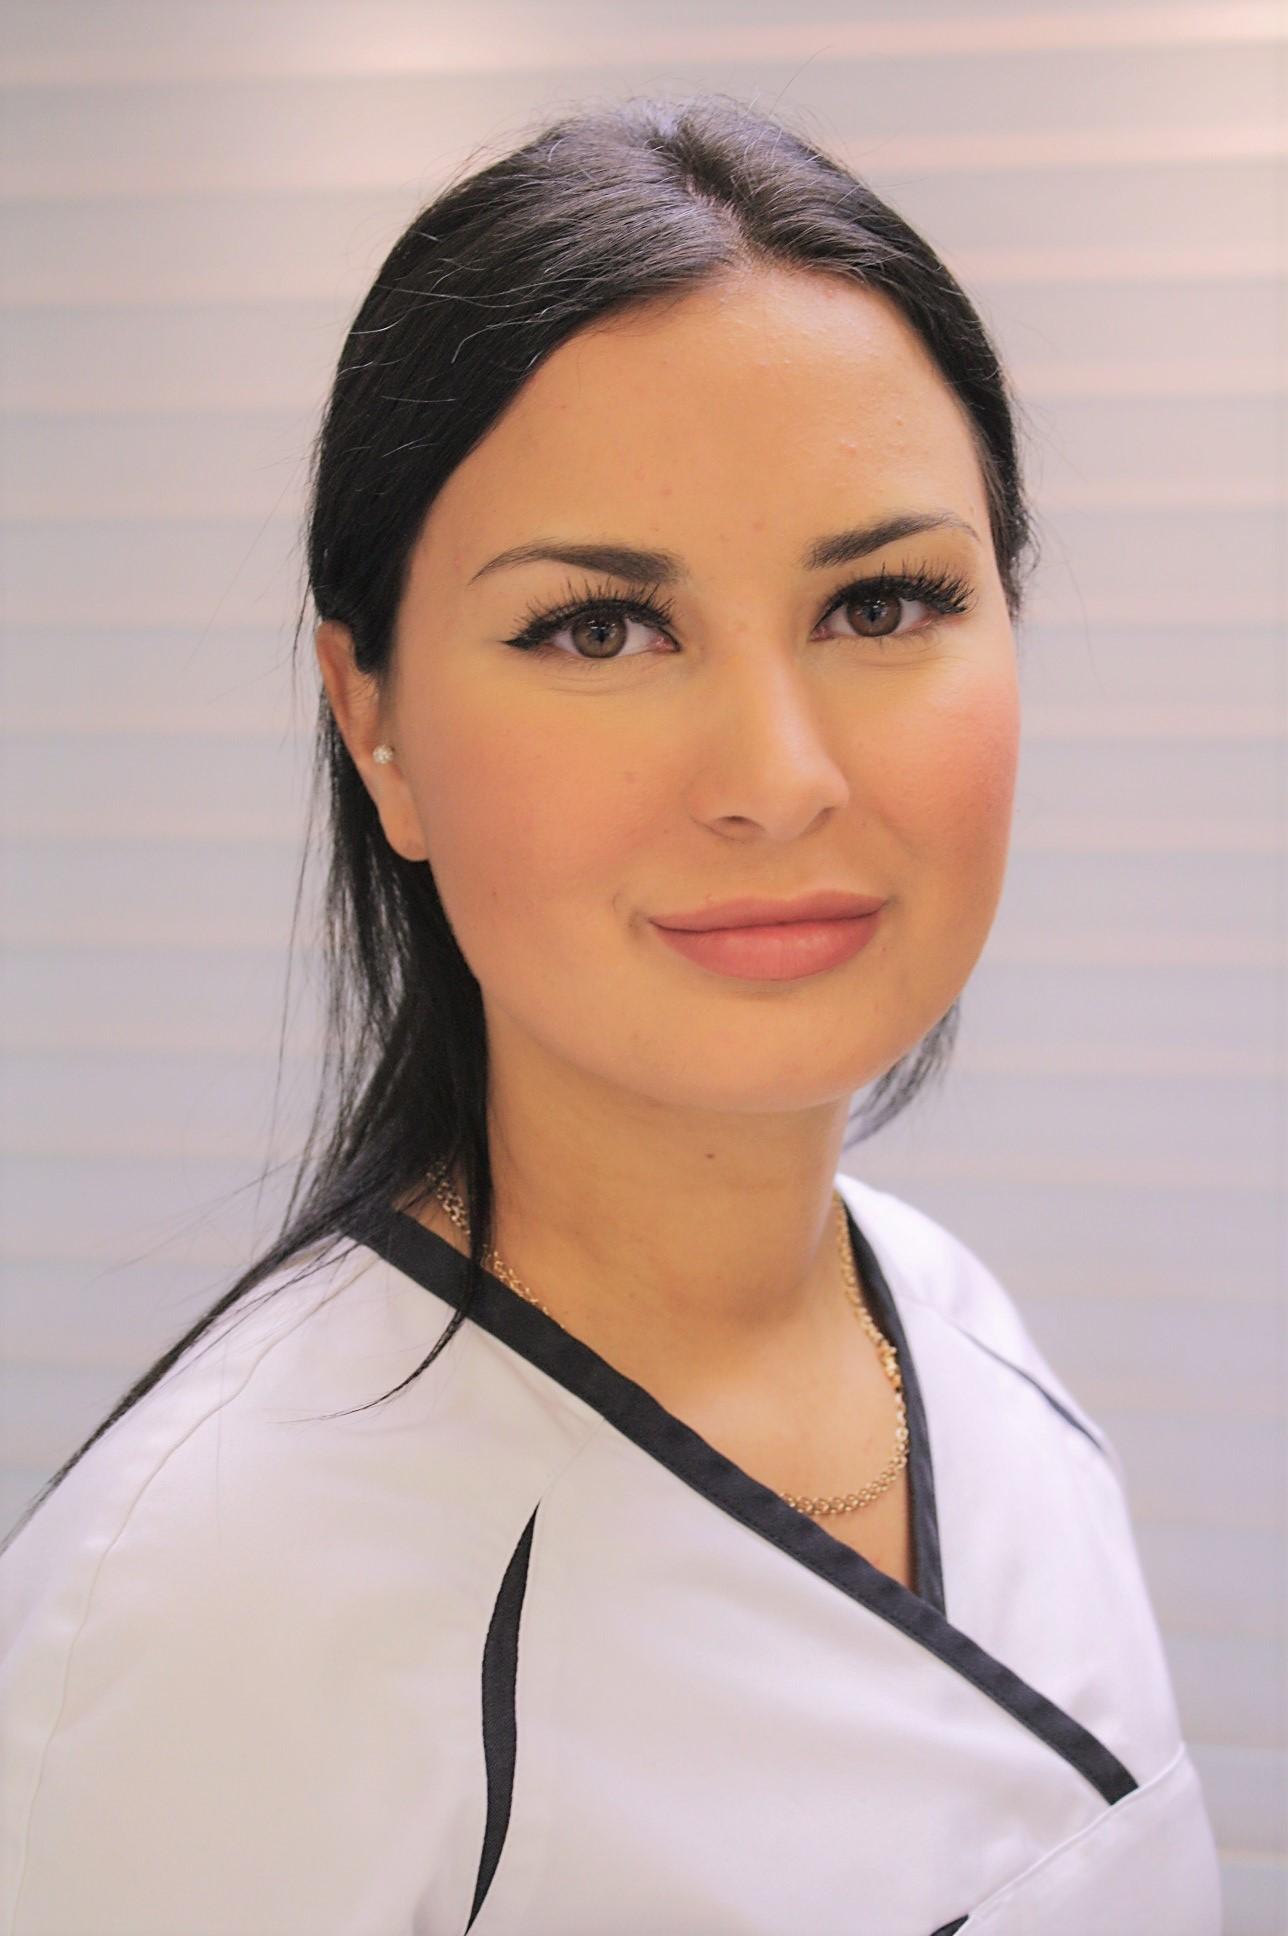 Zerina Altumbabic